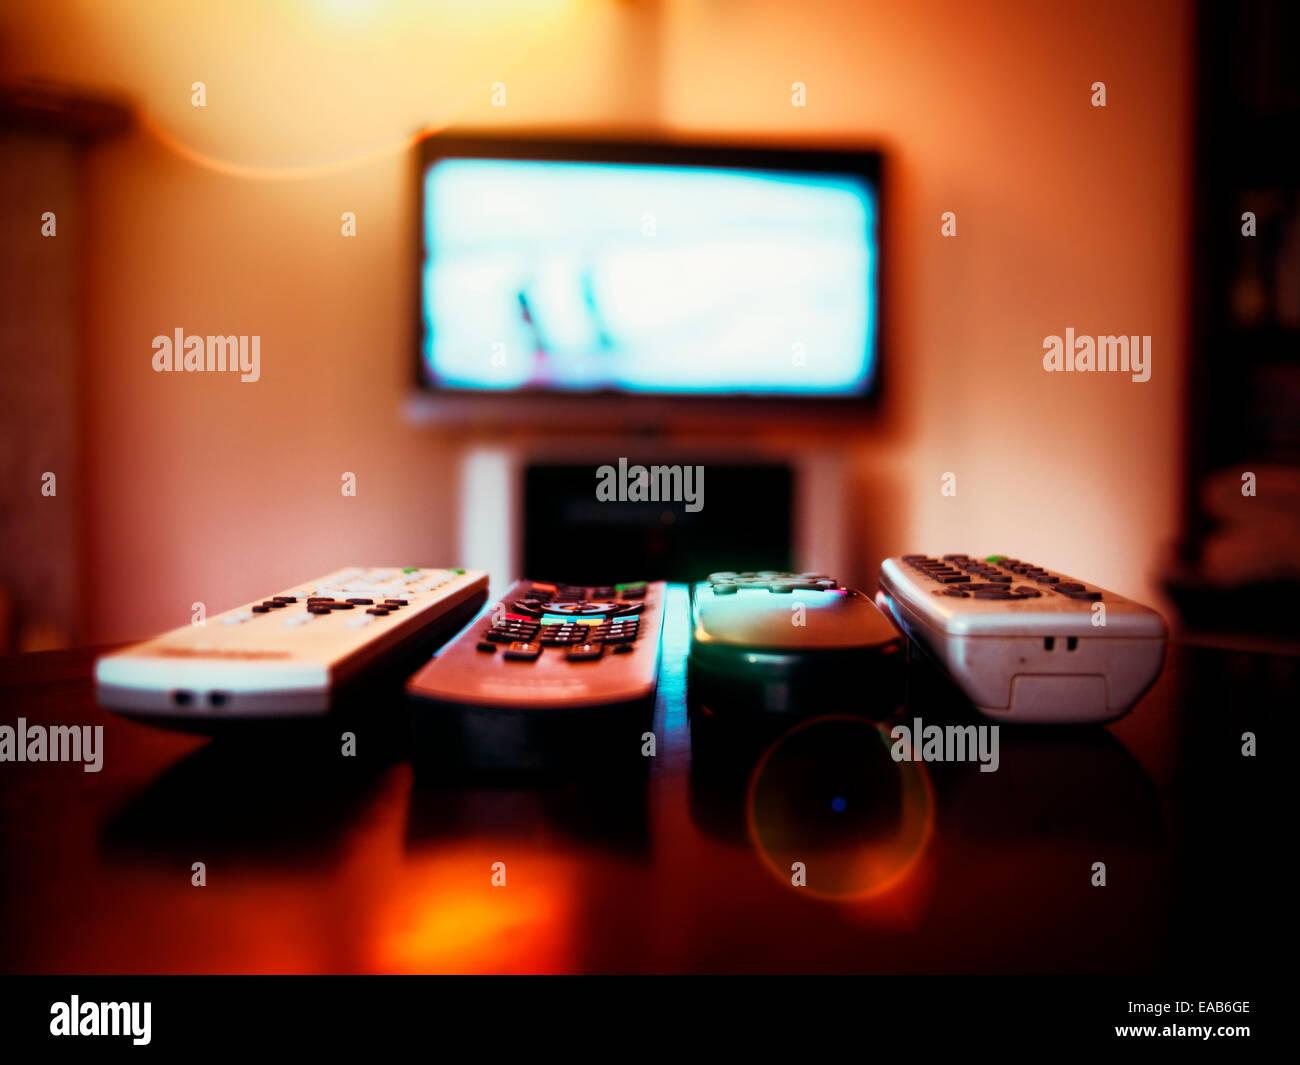 Quattro dispositivi di controllo remoto e tv Immagini Stock